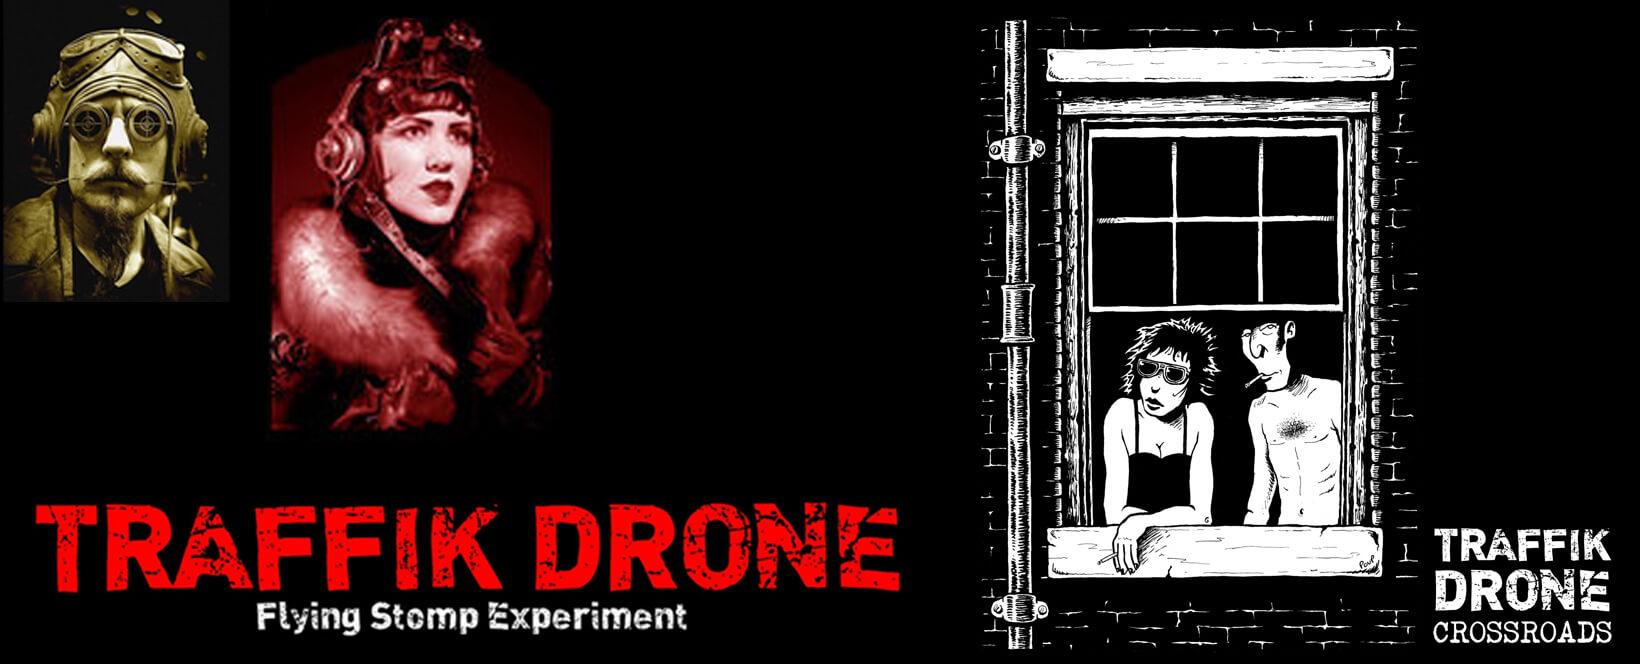 BC-354-Album - Traffik Drone : Crossroad - Radio Galaxie 98.5FM